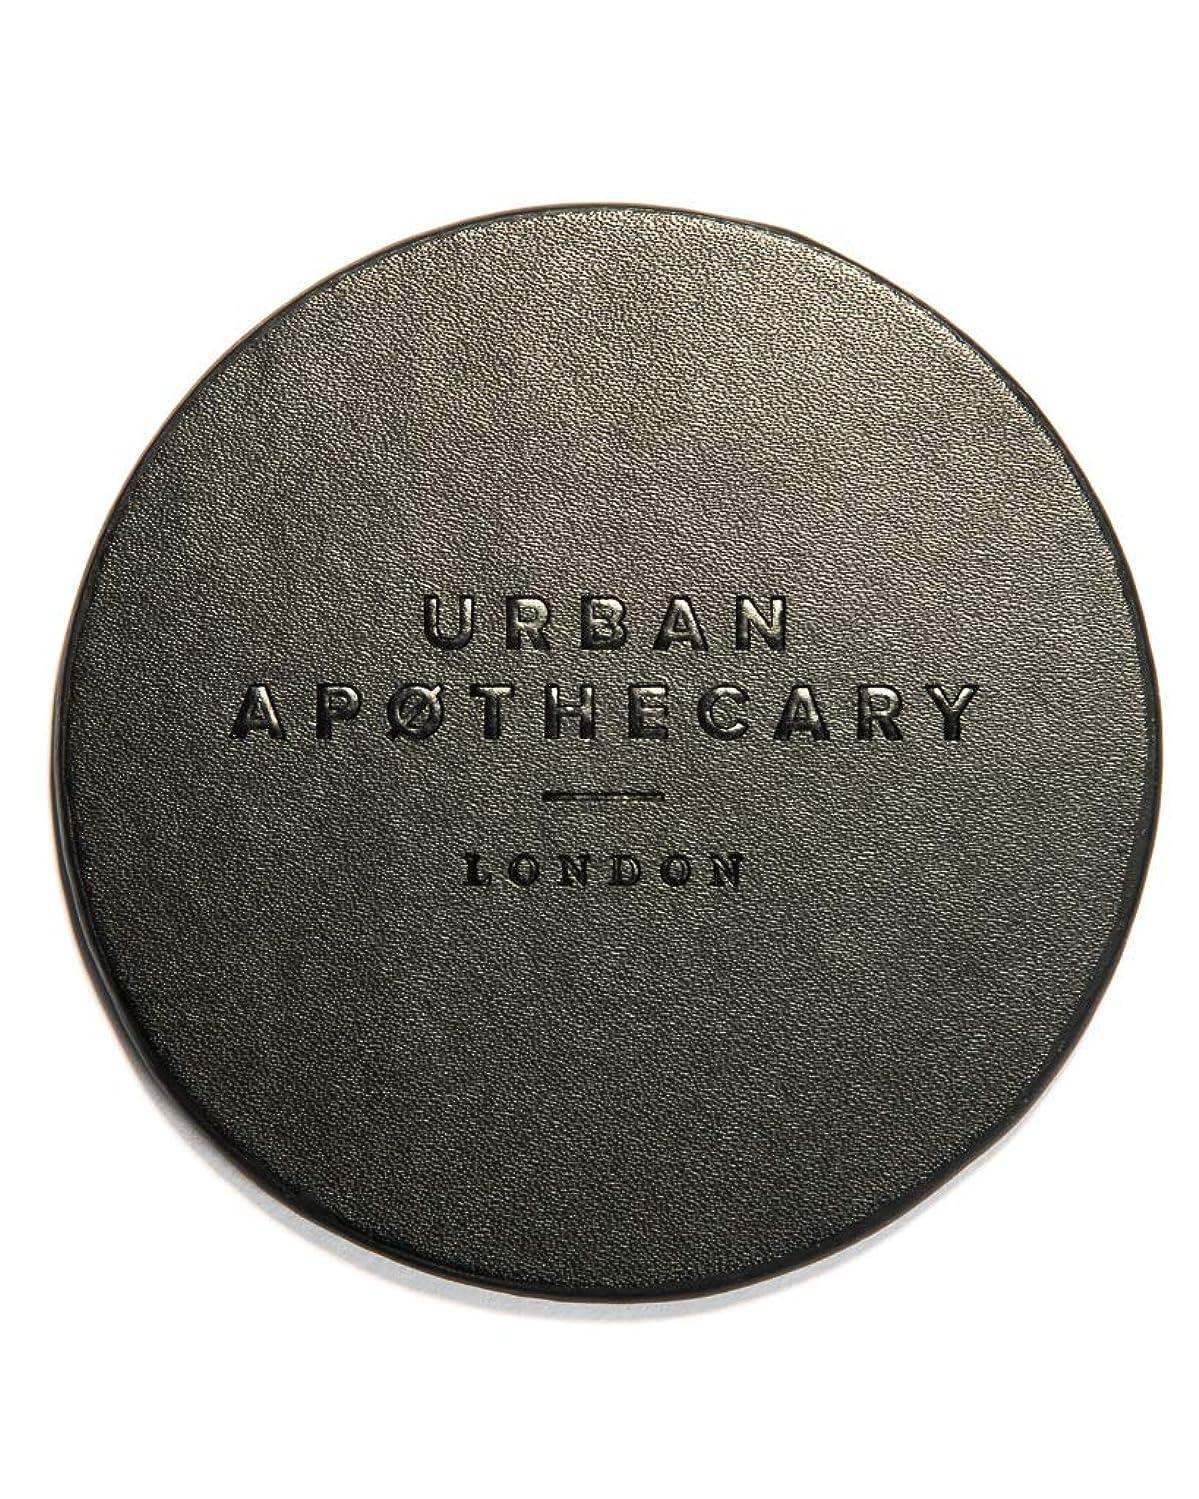 アーティファクト失確率URBAN APOTHECARY キャンドル&ディフューザー コースター